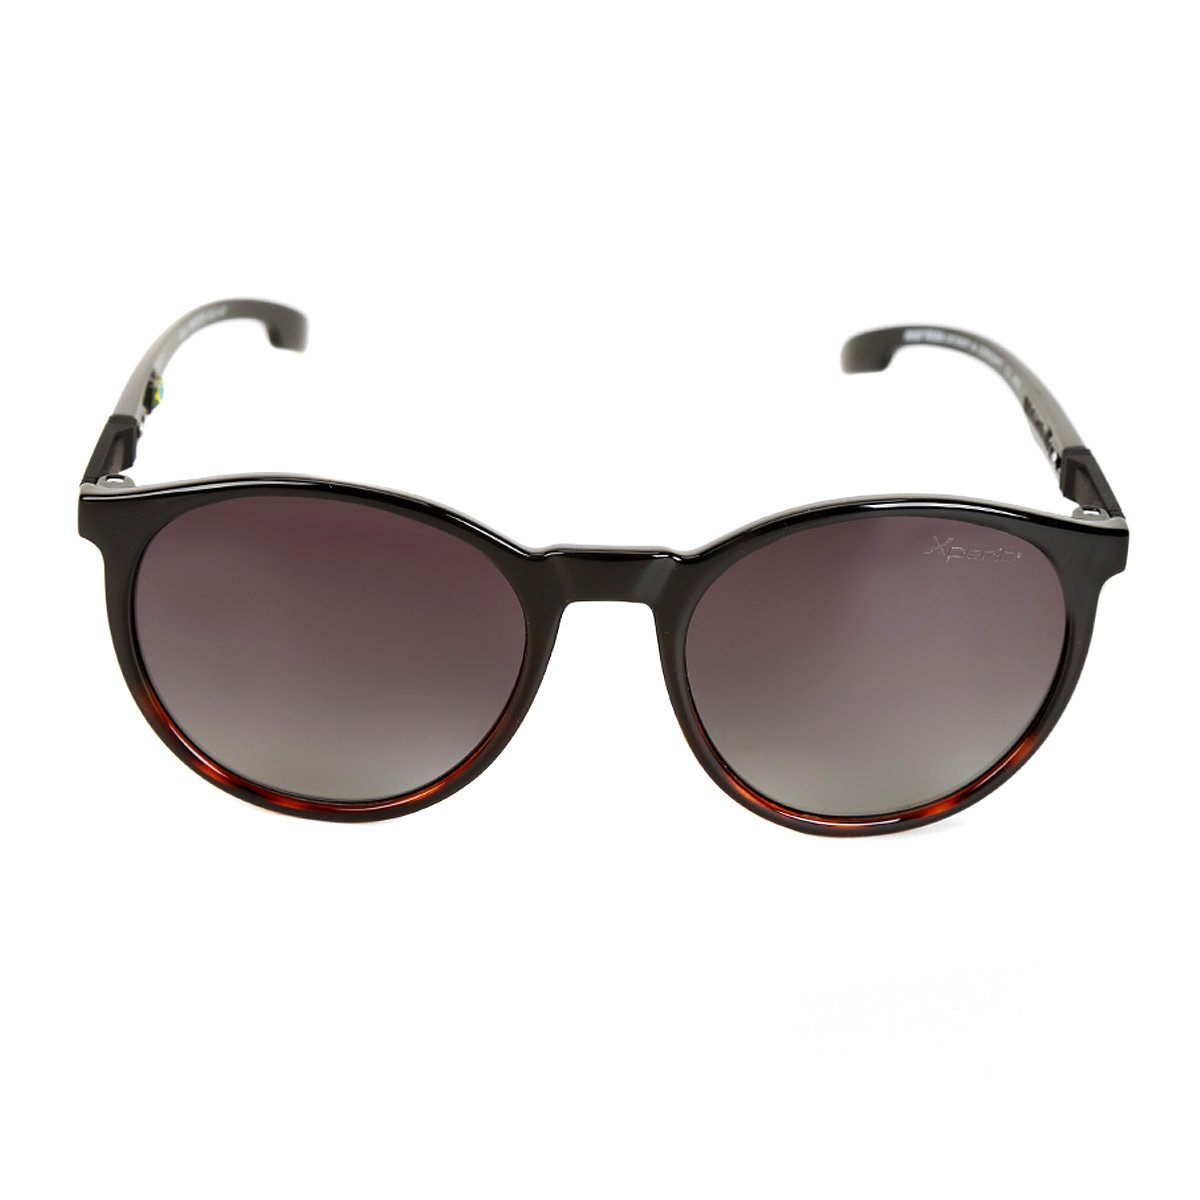 993e46fddc33e Óculos de Sol Mormaii Maui Gatinho Feminino - Preto - Compre Agora ...